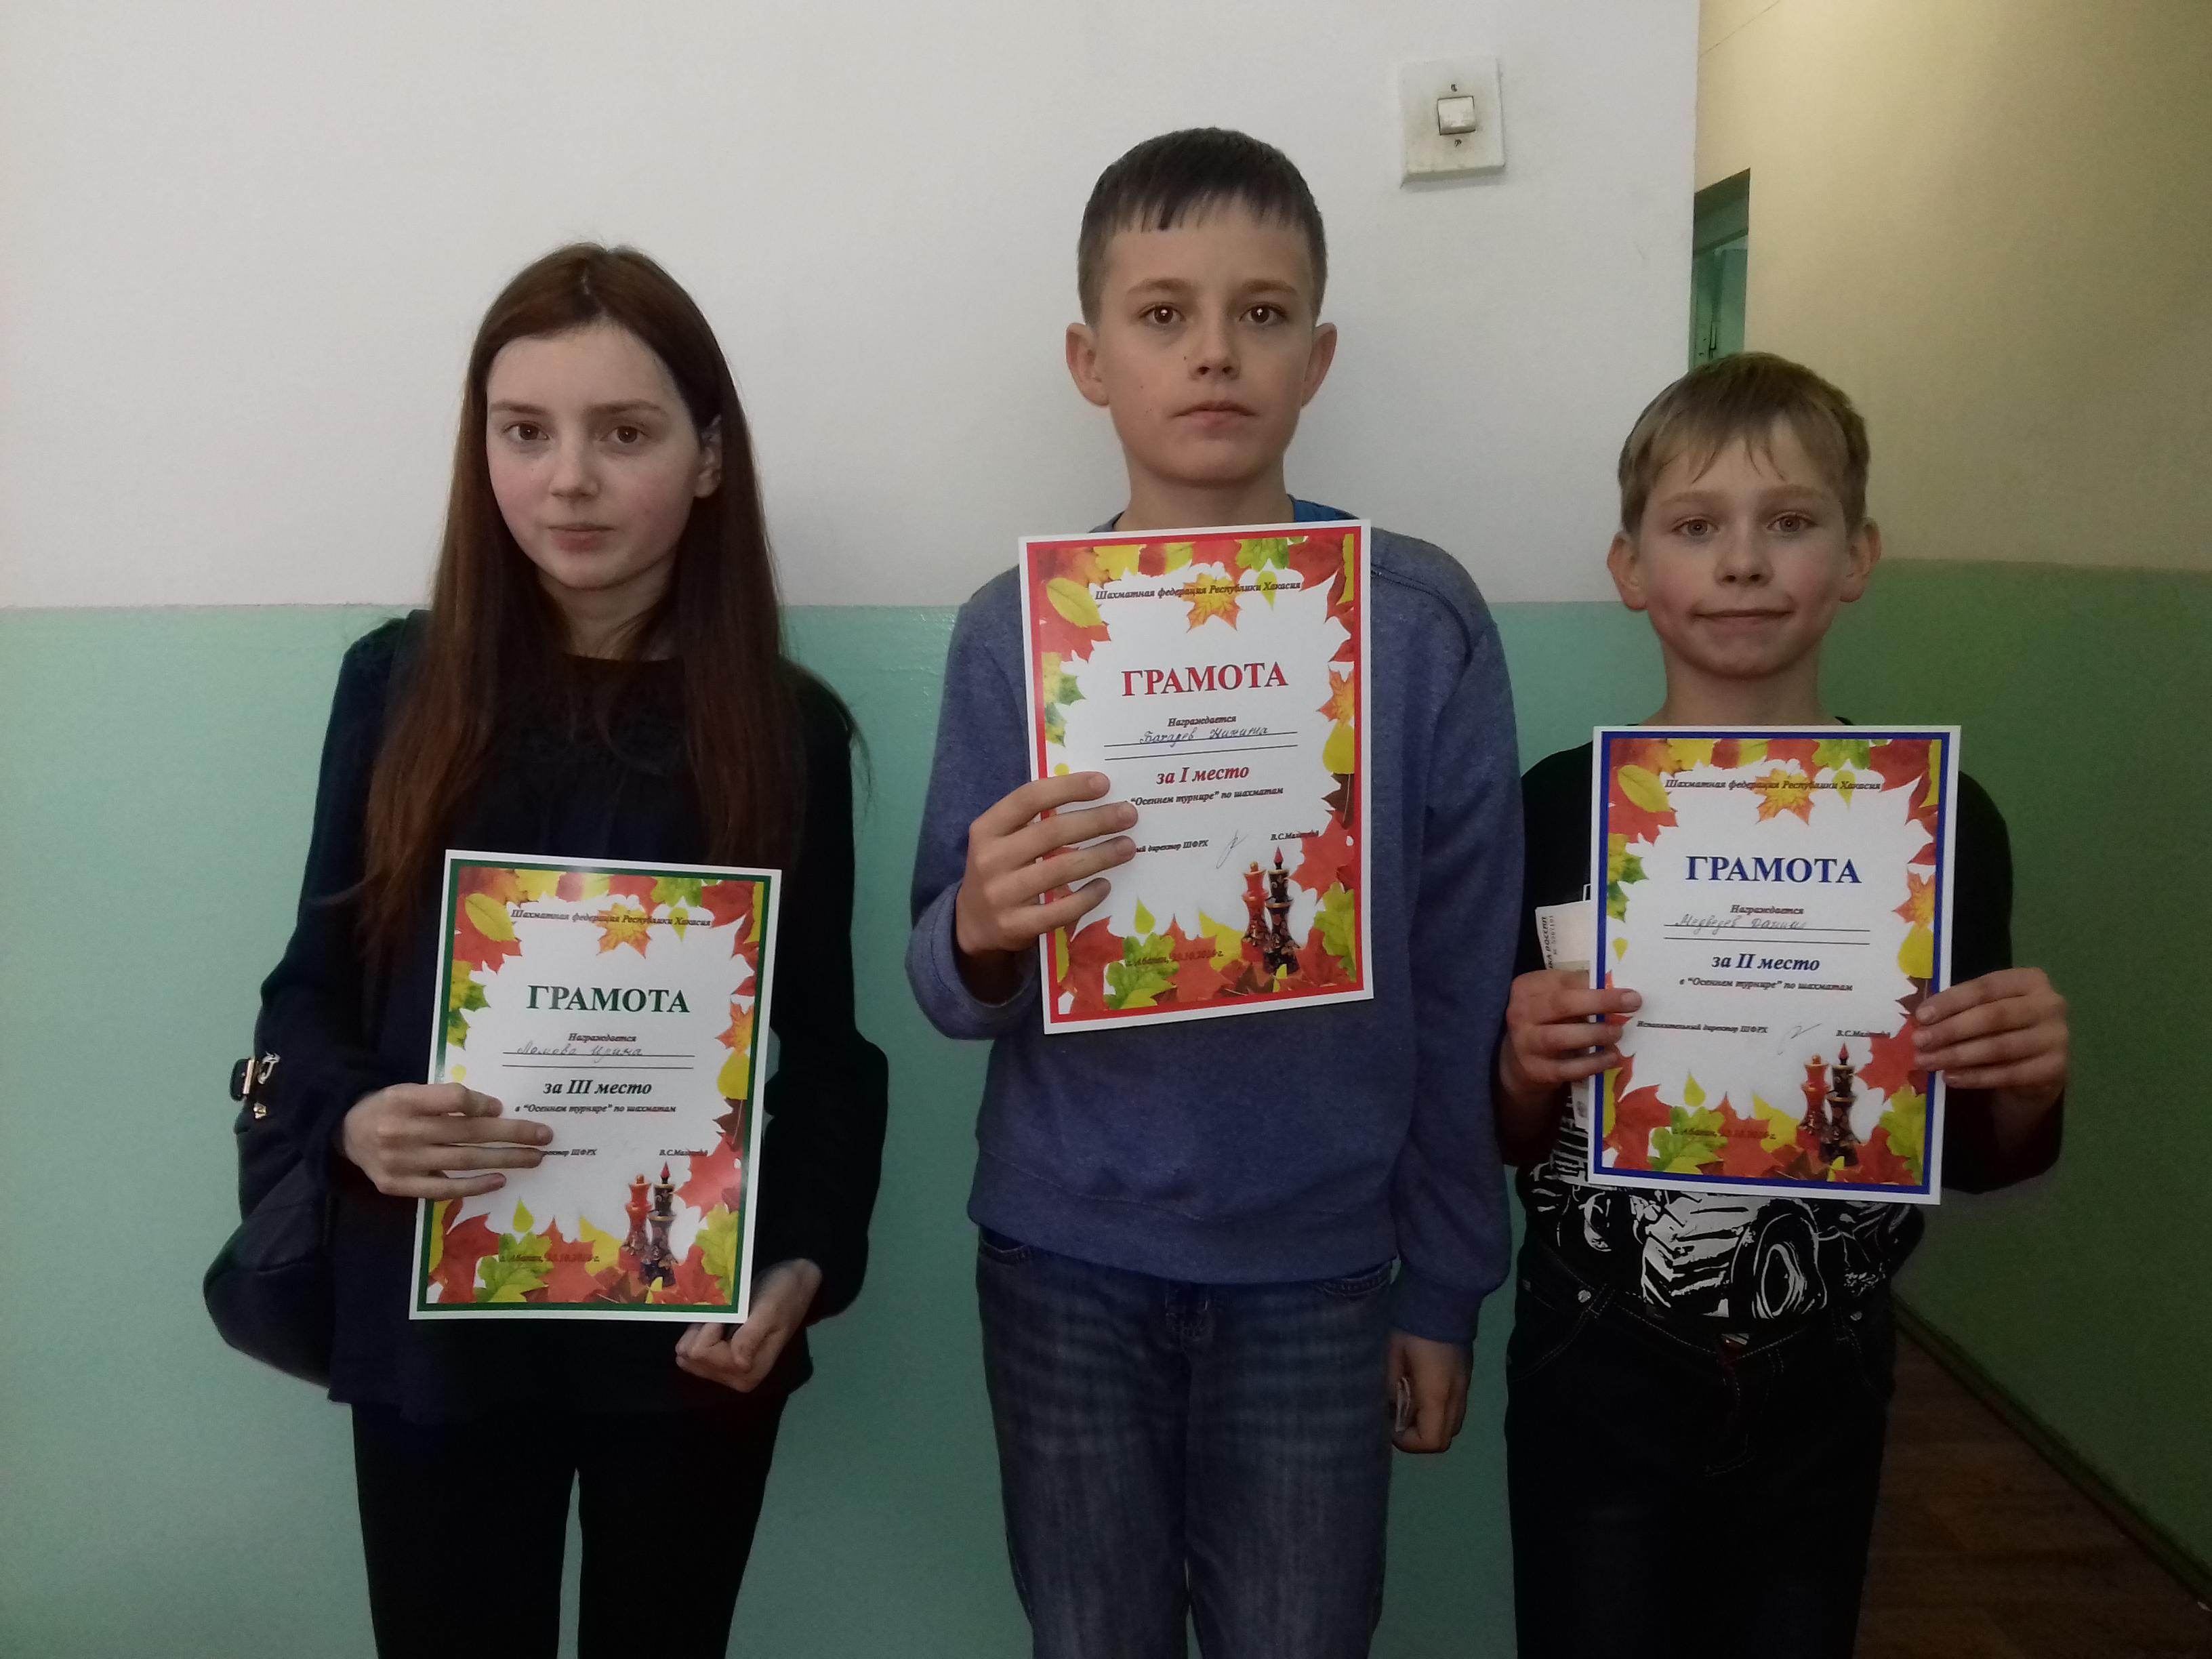 Призёры группы Б: слева направо Ирина Ломова-3 призёр, Никита Бахарев-победитель,Даниил Медведев-2 призёр.